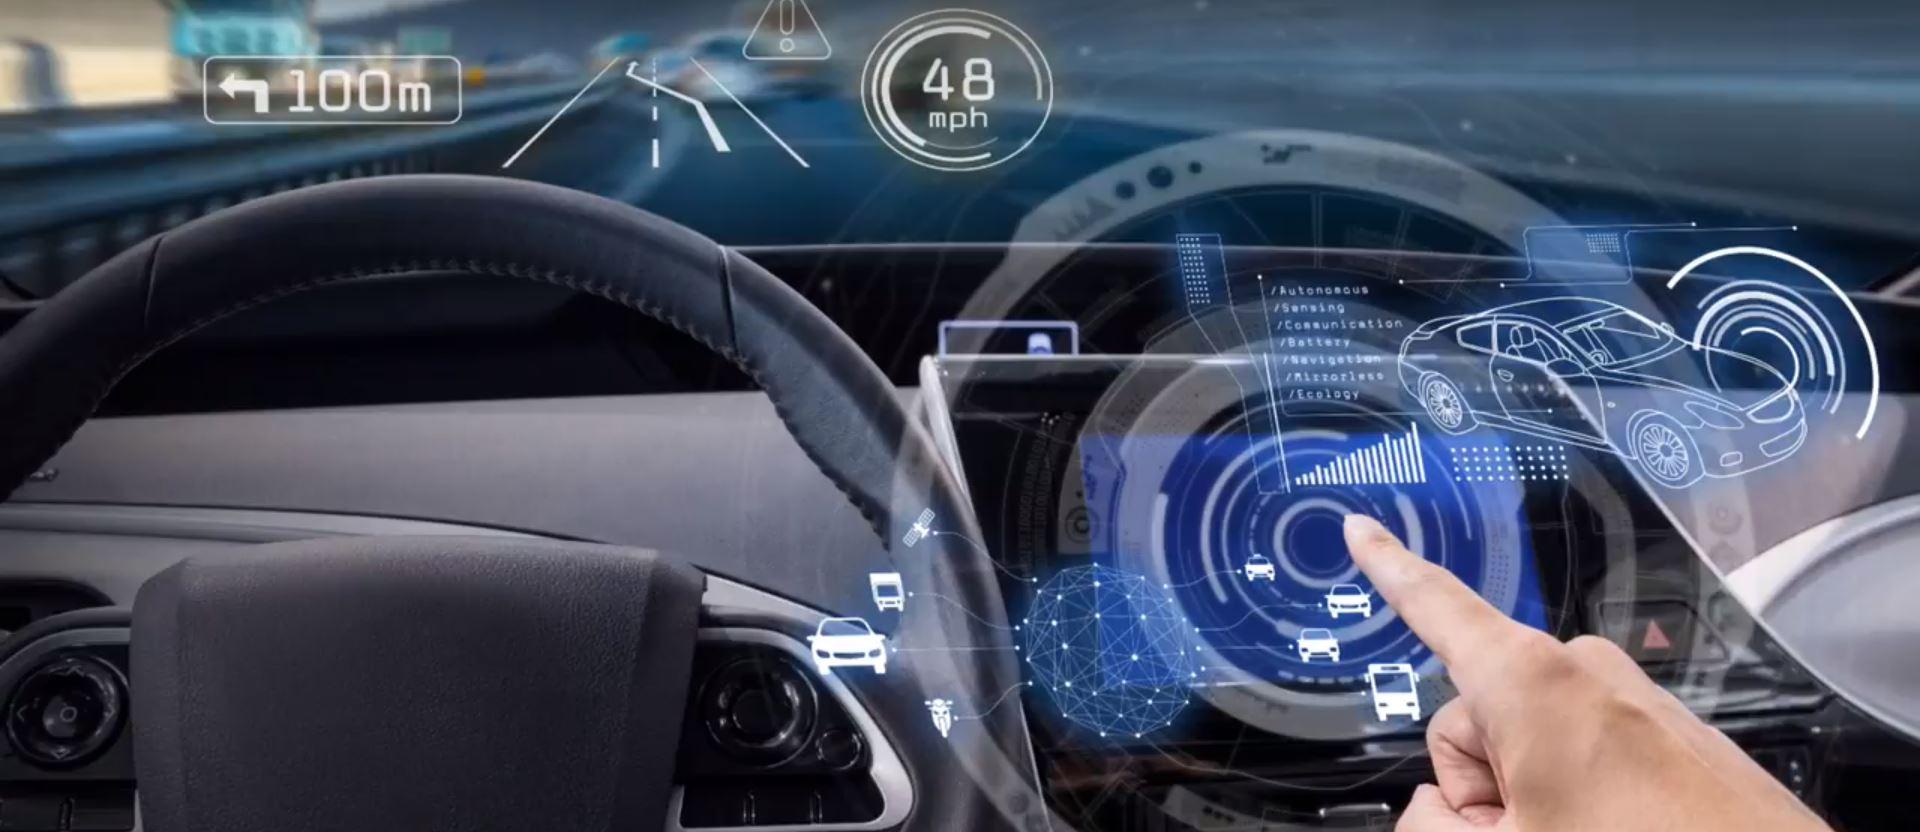 Объемы и скорости передачи данных в современных автомобилях постоянно растут что заставляет автомобильные сети адаптироваться к новым условиям